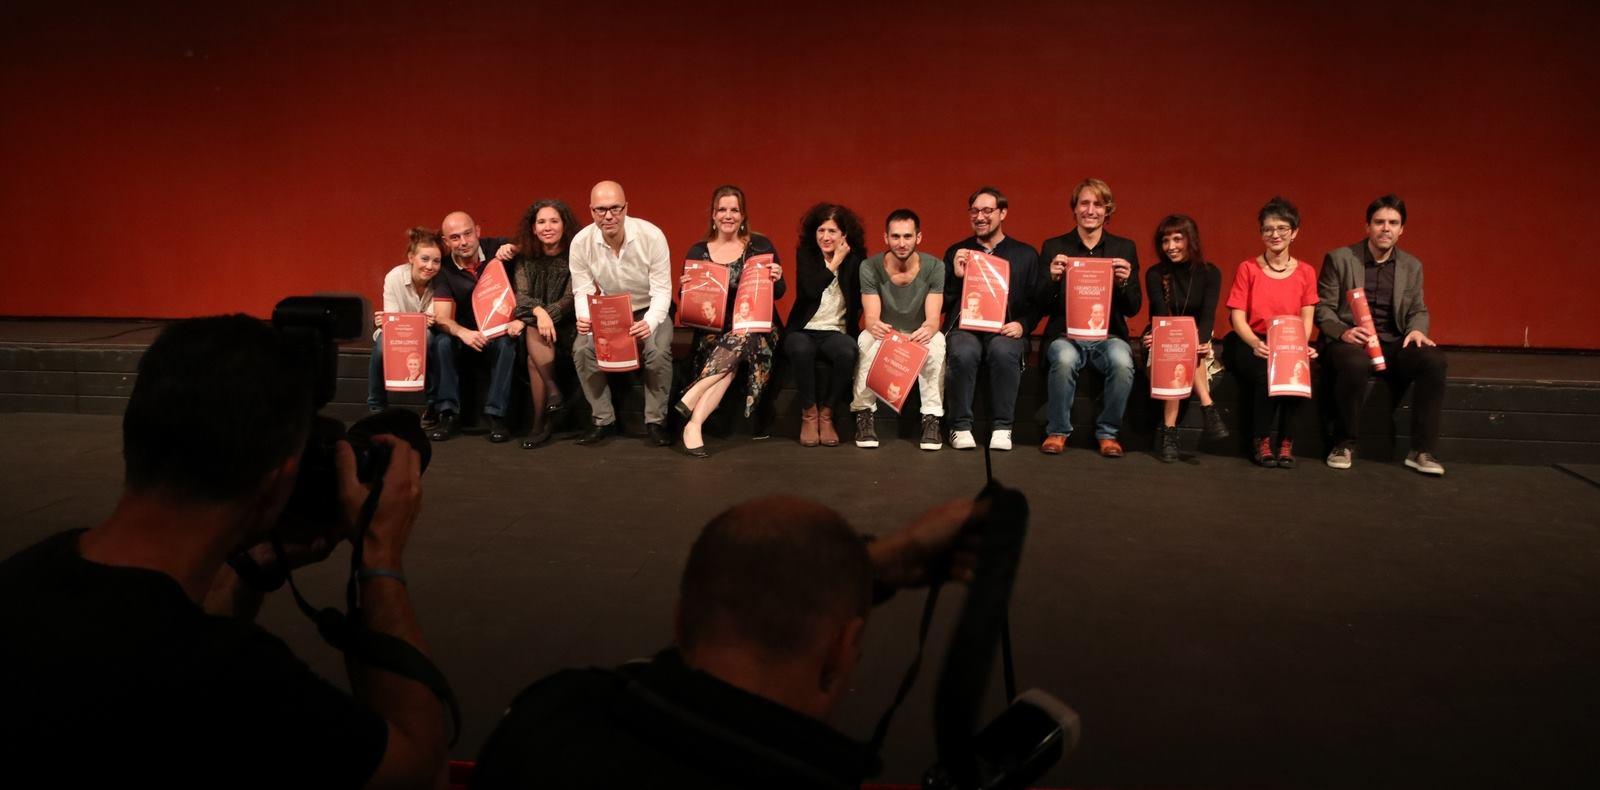 Dobitnici nagrada publike za najbolja ostvarenja u HNK Ivana pl. Zajca prošle sezone